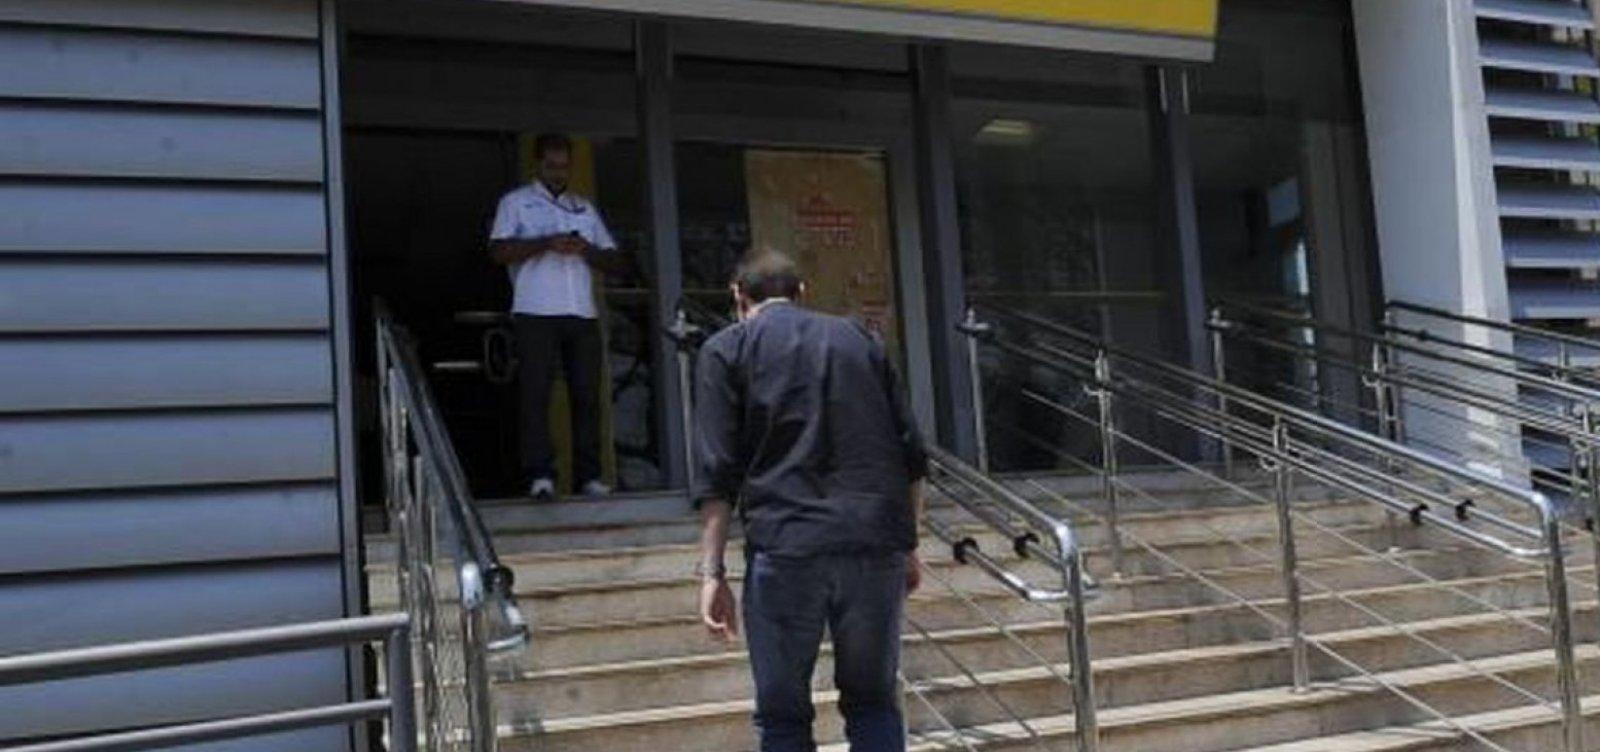 [Força-tarefa da Prefeitura inicia fiscalização nos bancos nesta segunda]